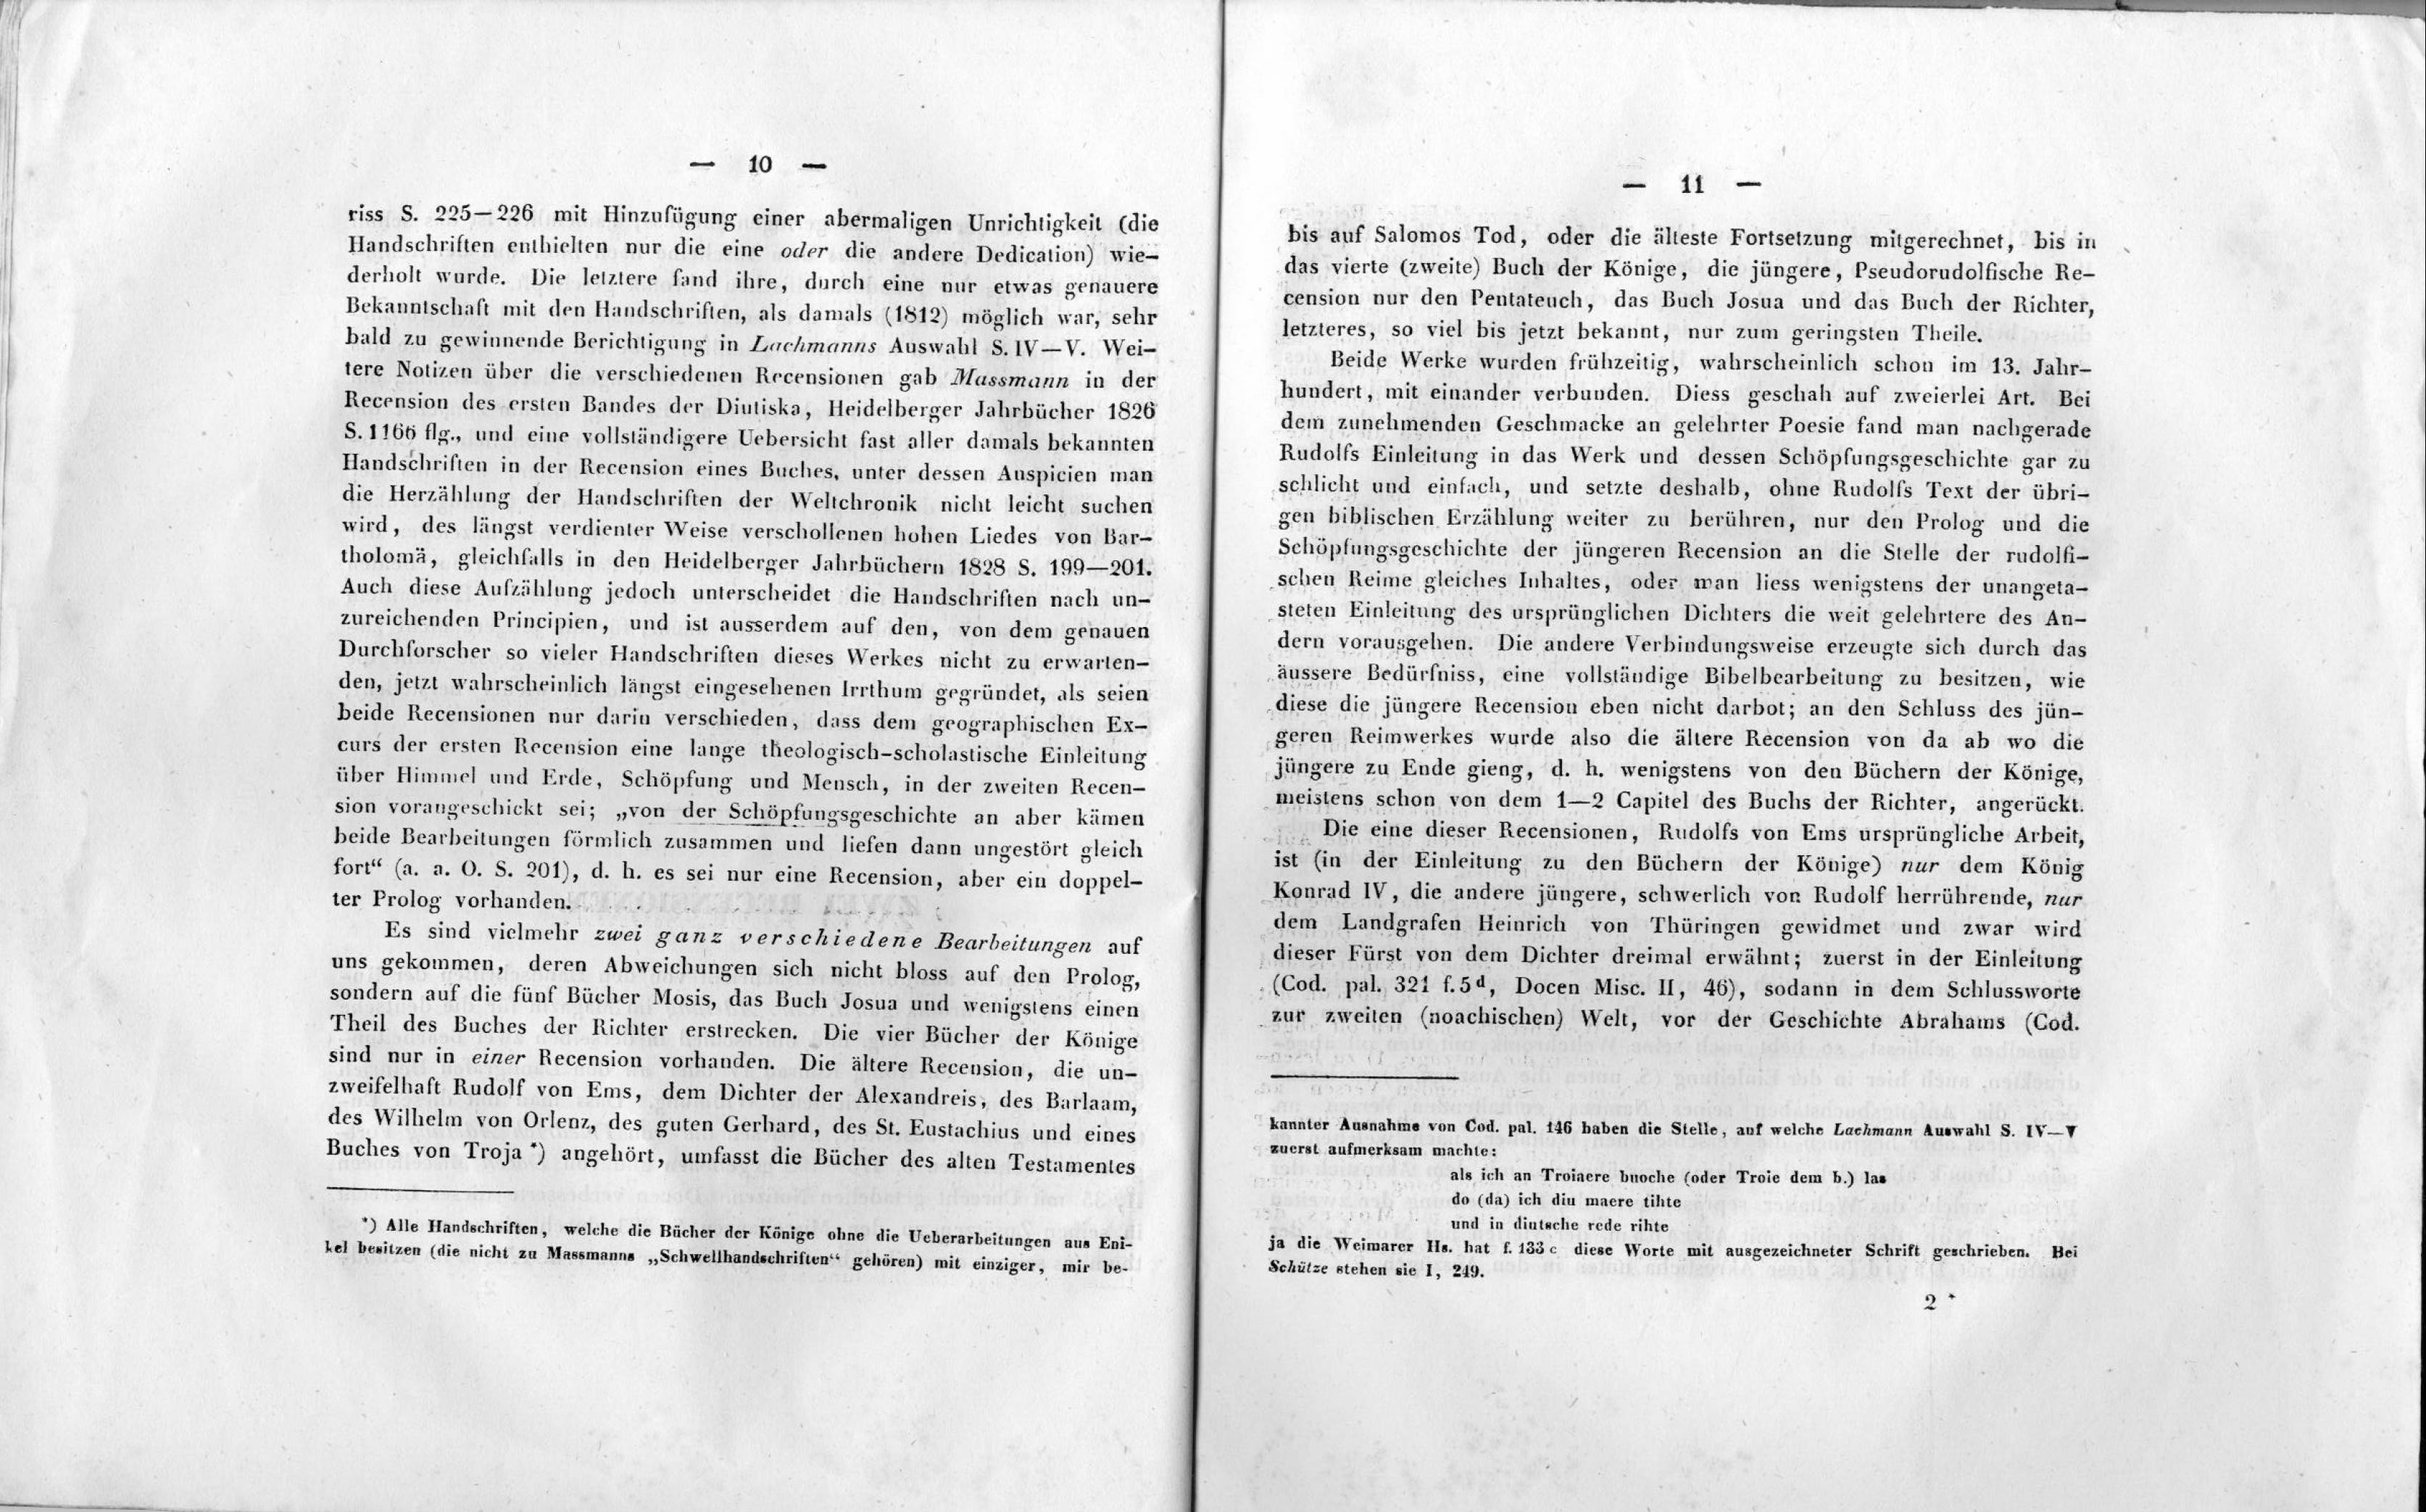 Gemütlich Buchvorlage Doc Fotos - Beispielzusammenfassung Ideen ...